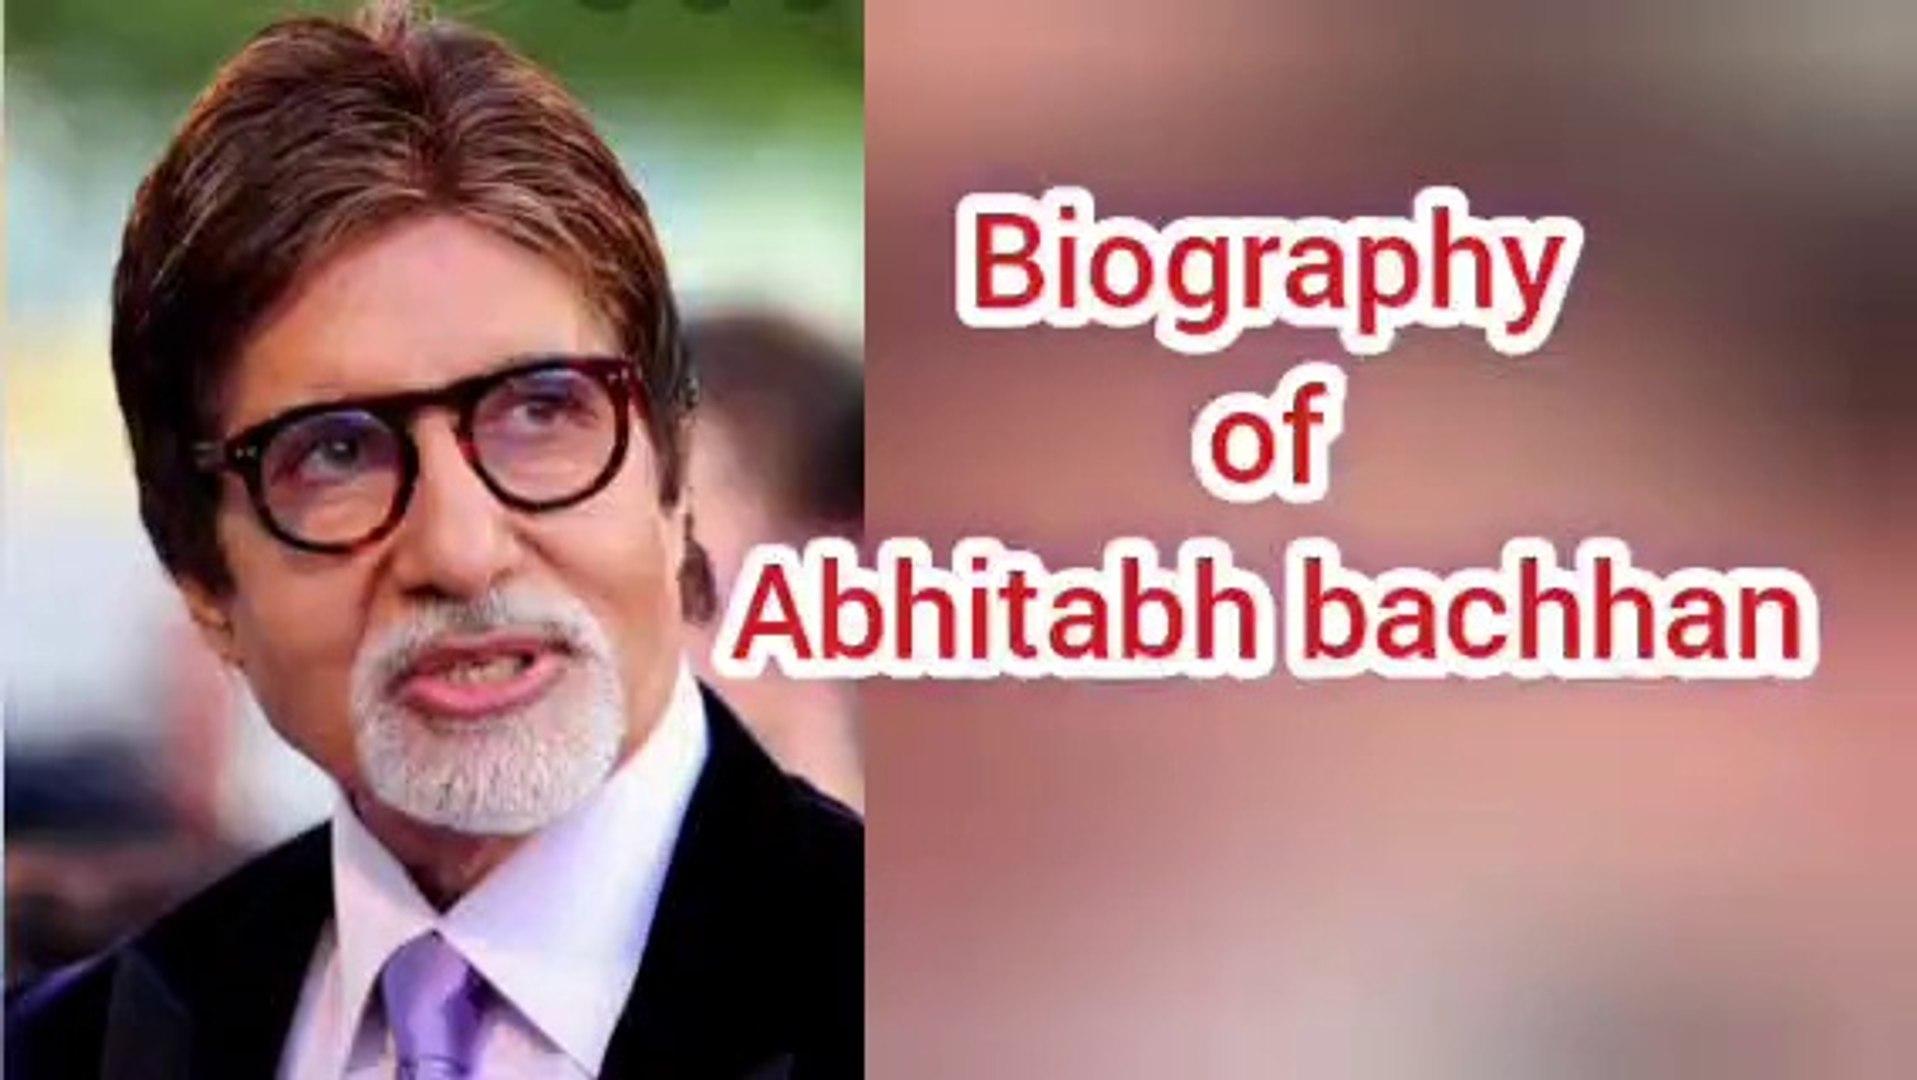 amitabh bachchan biography,amitabh bachchan,biography of amitabh bachchan,amitabh bachchan life stor